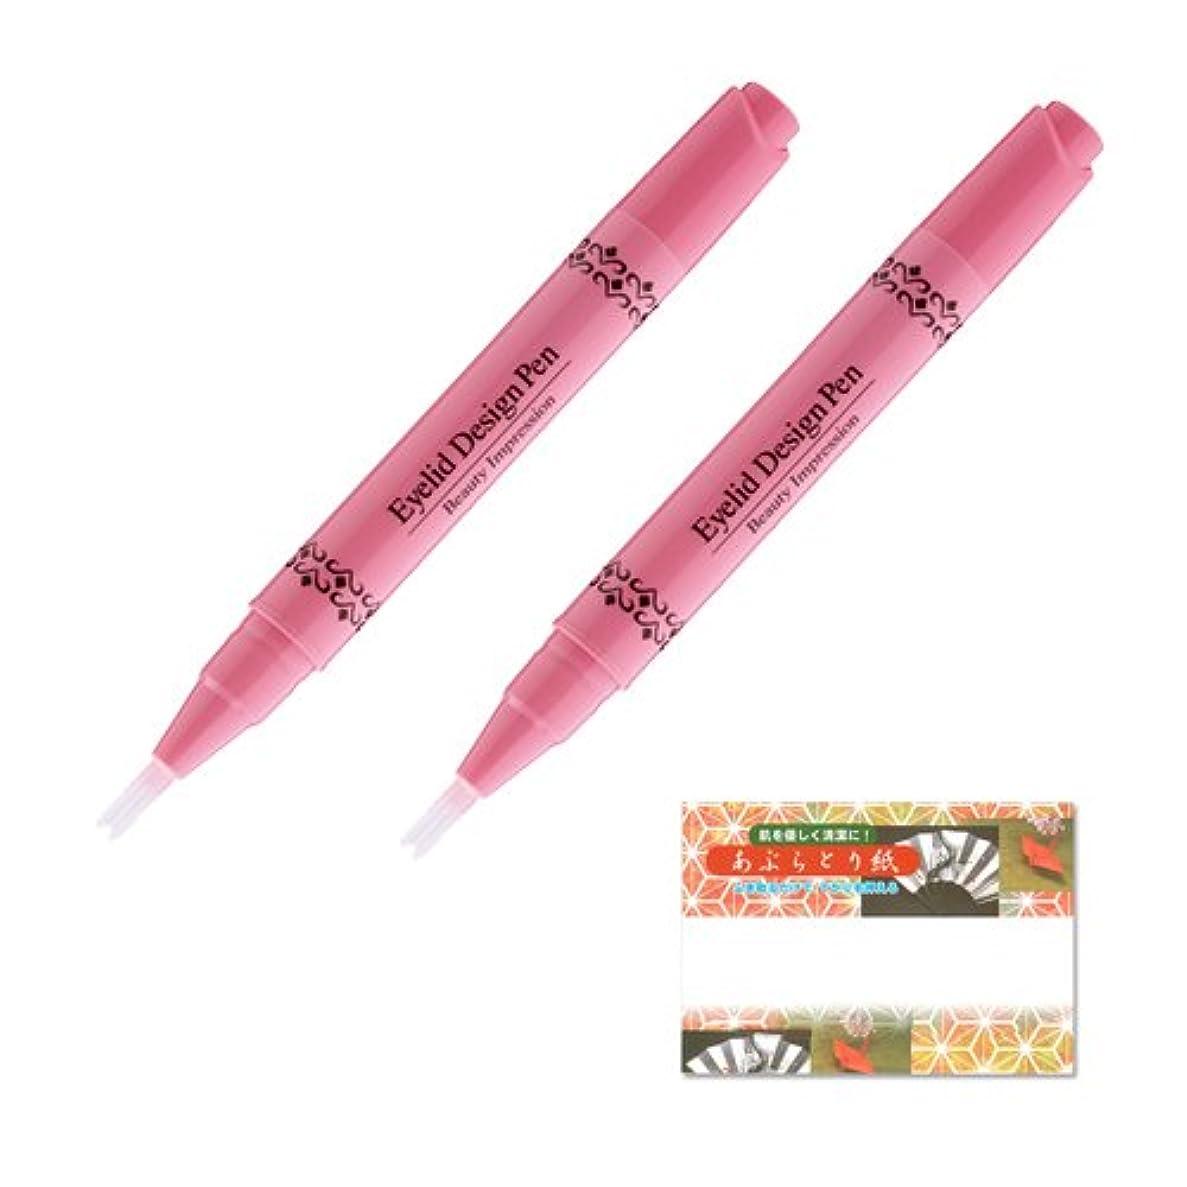 肘懸念不注意Beauty Impression アイリッドデザインペン 2ml (二重まぶた形成化粧品) ×2組 油取り紙のセット